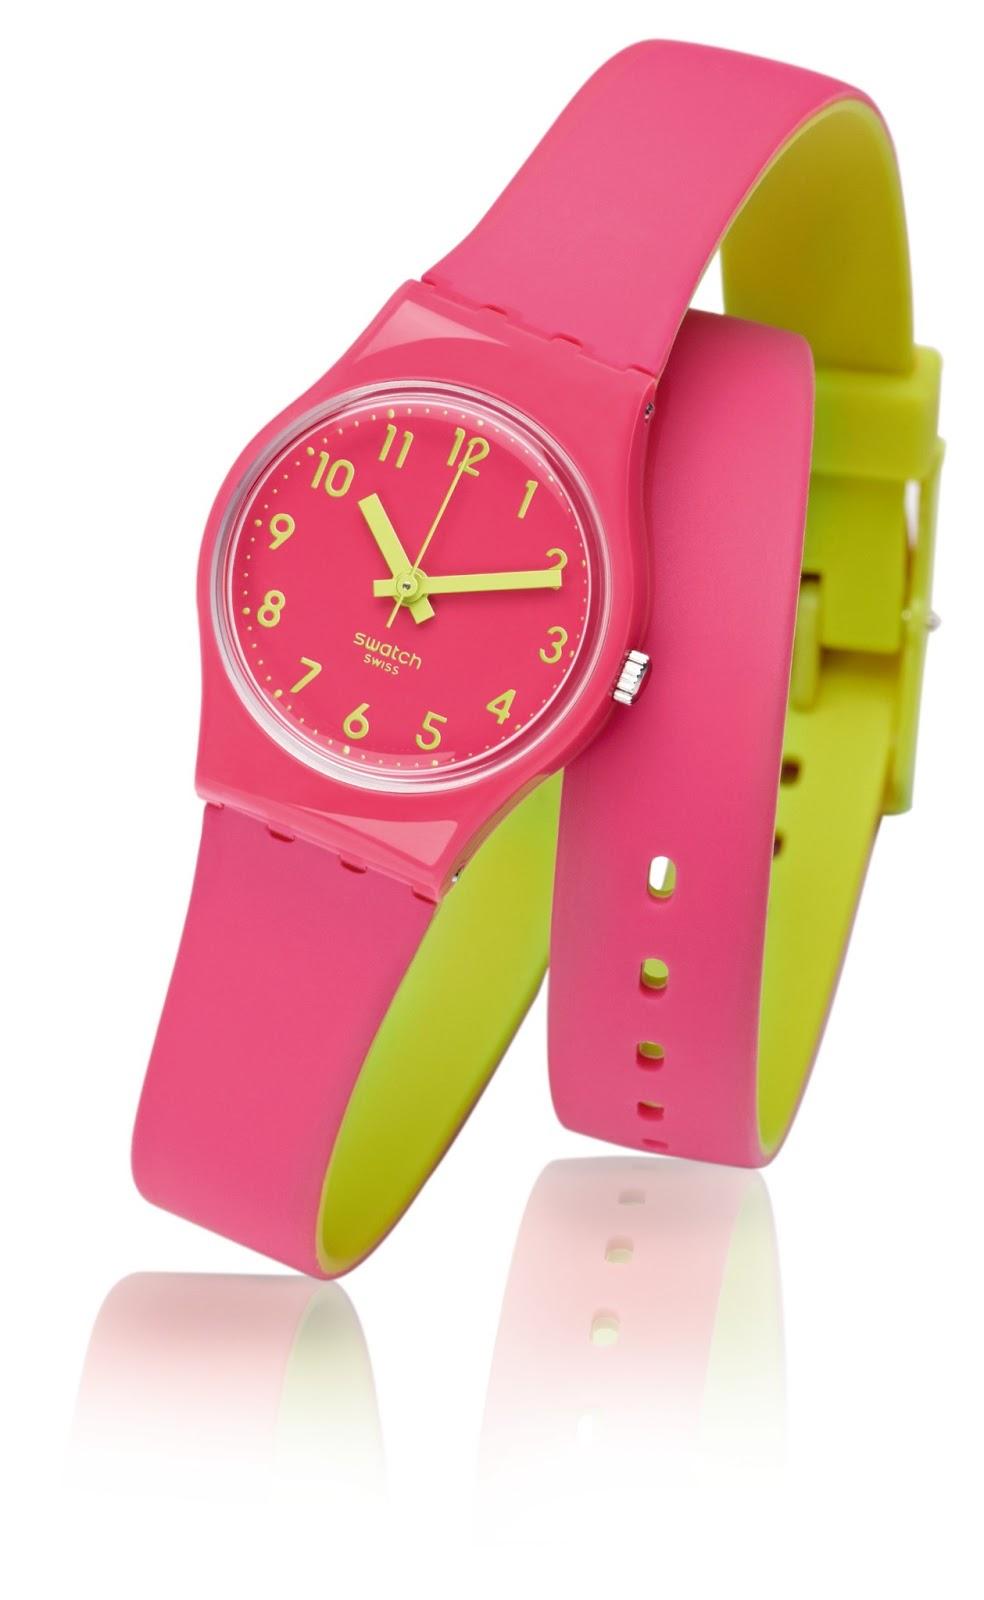 d4b3c02602e Chegado ao mercado - relógios Swatch Biko Roose Colecção Summer Buzz